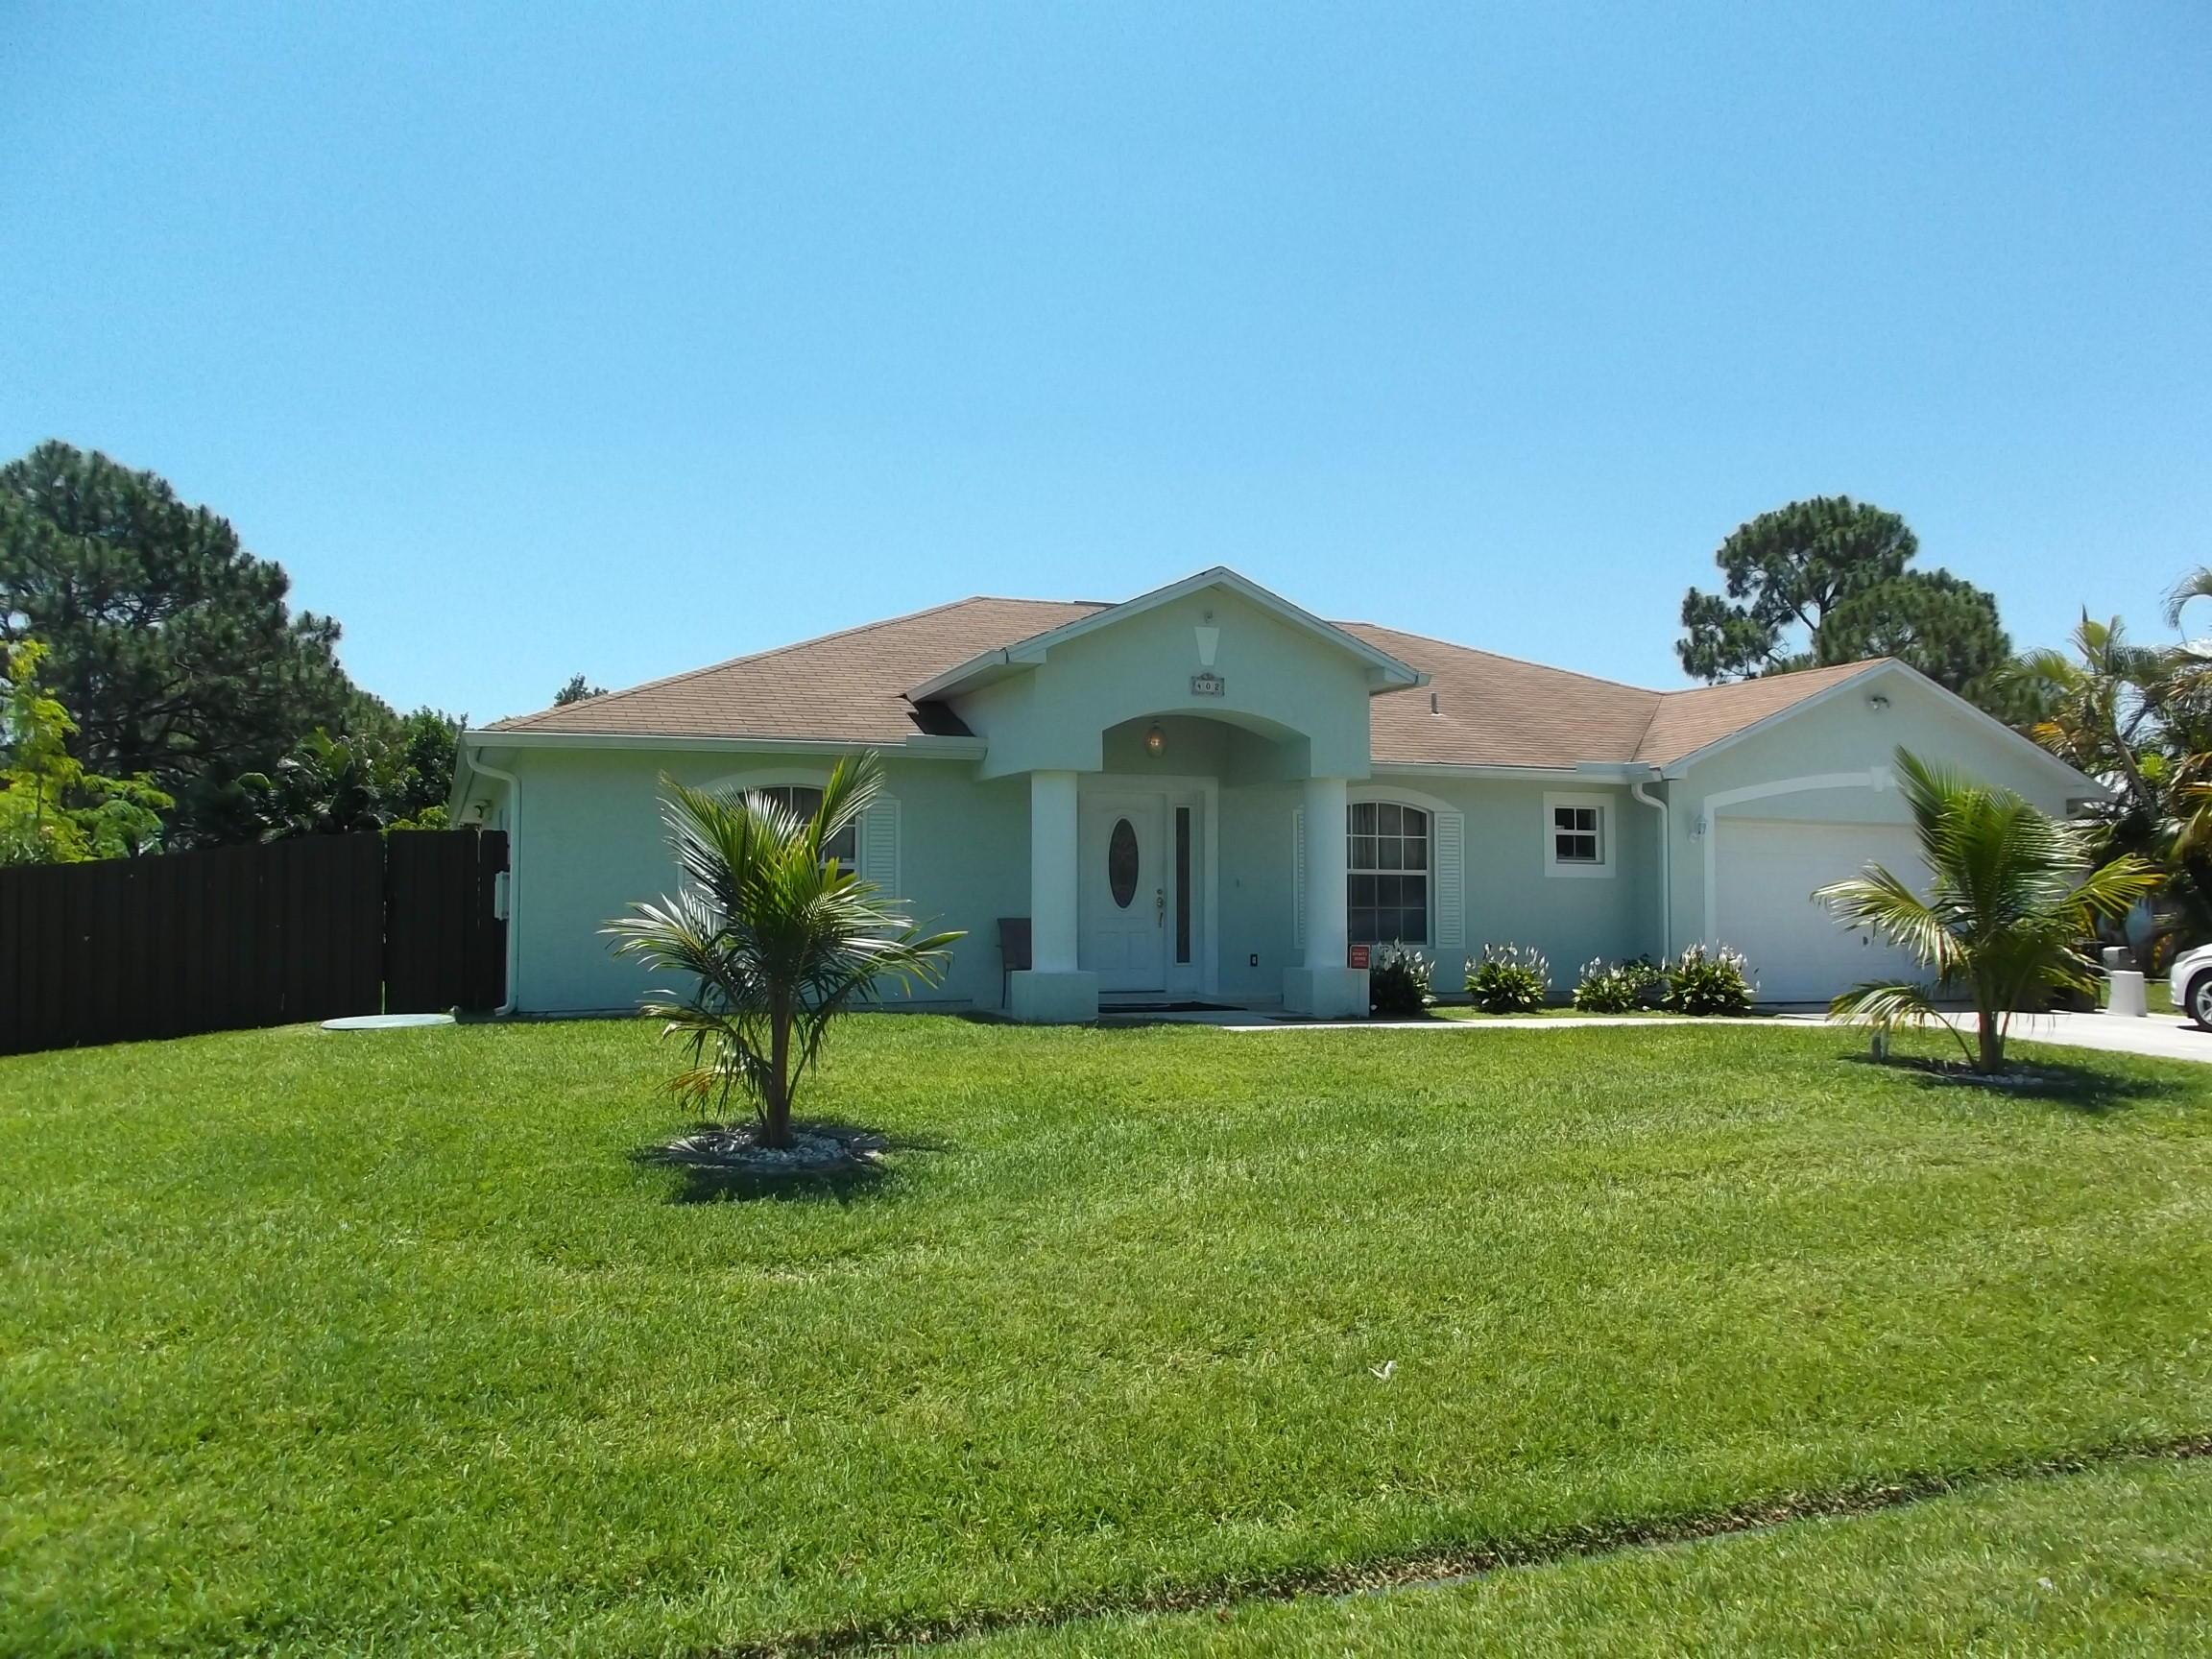 402 Sw Meadow Terrace